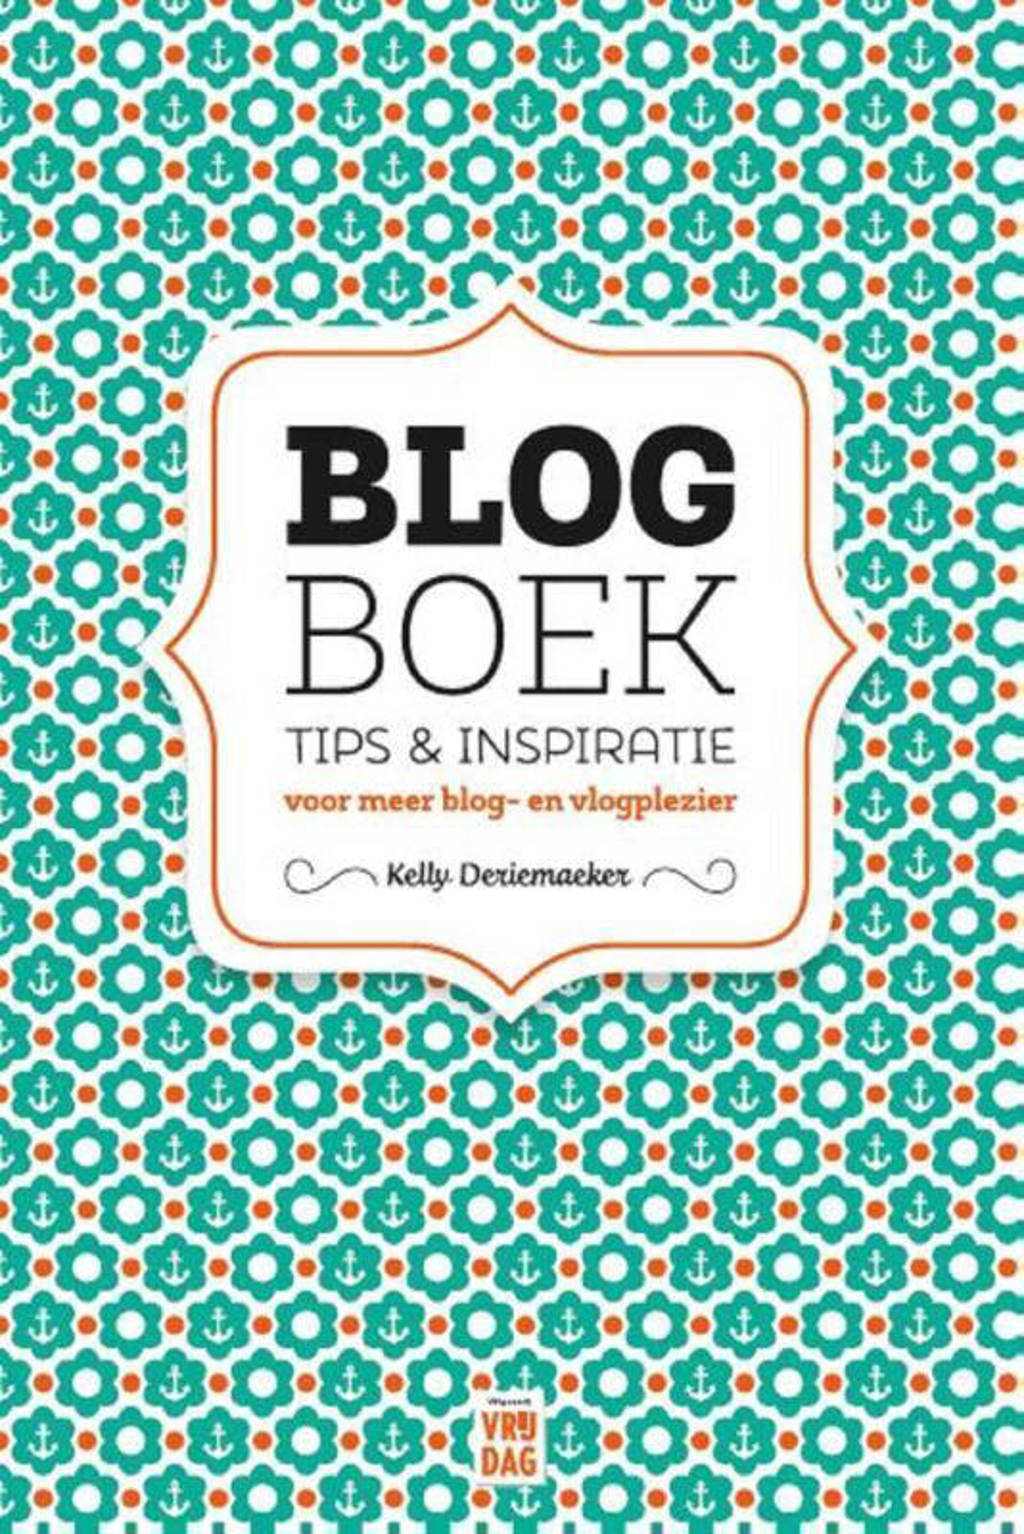 Blogboek - Kelly Deriemaeker